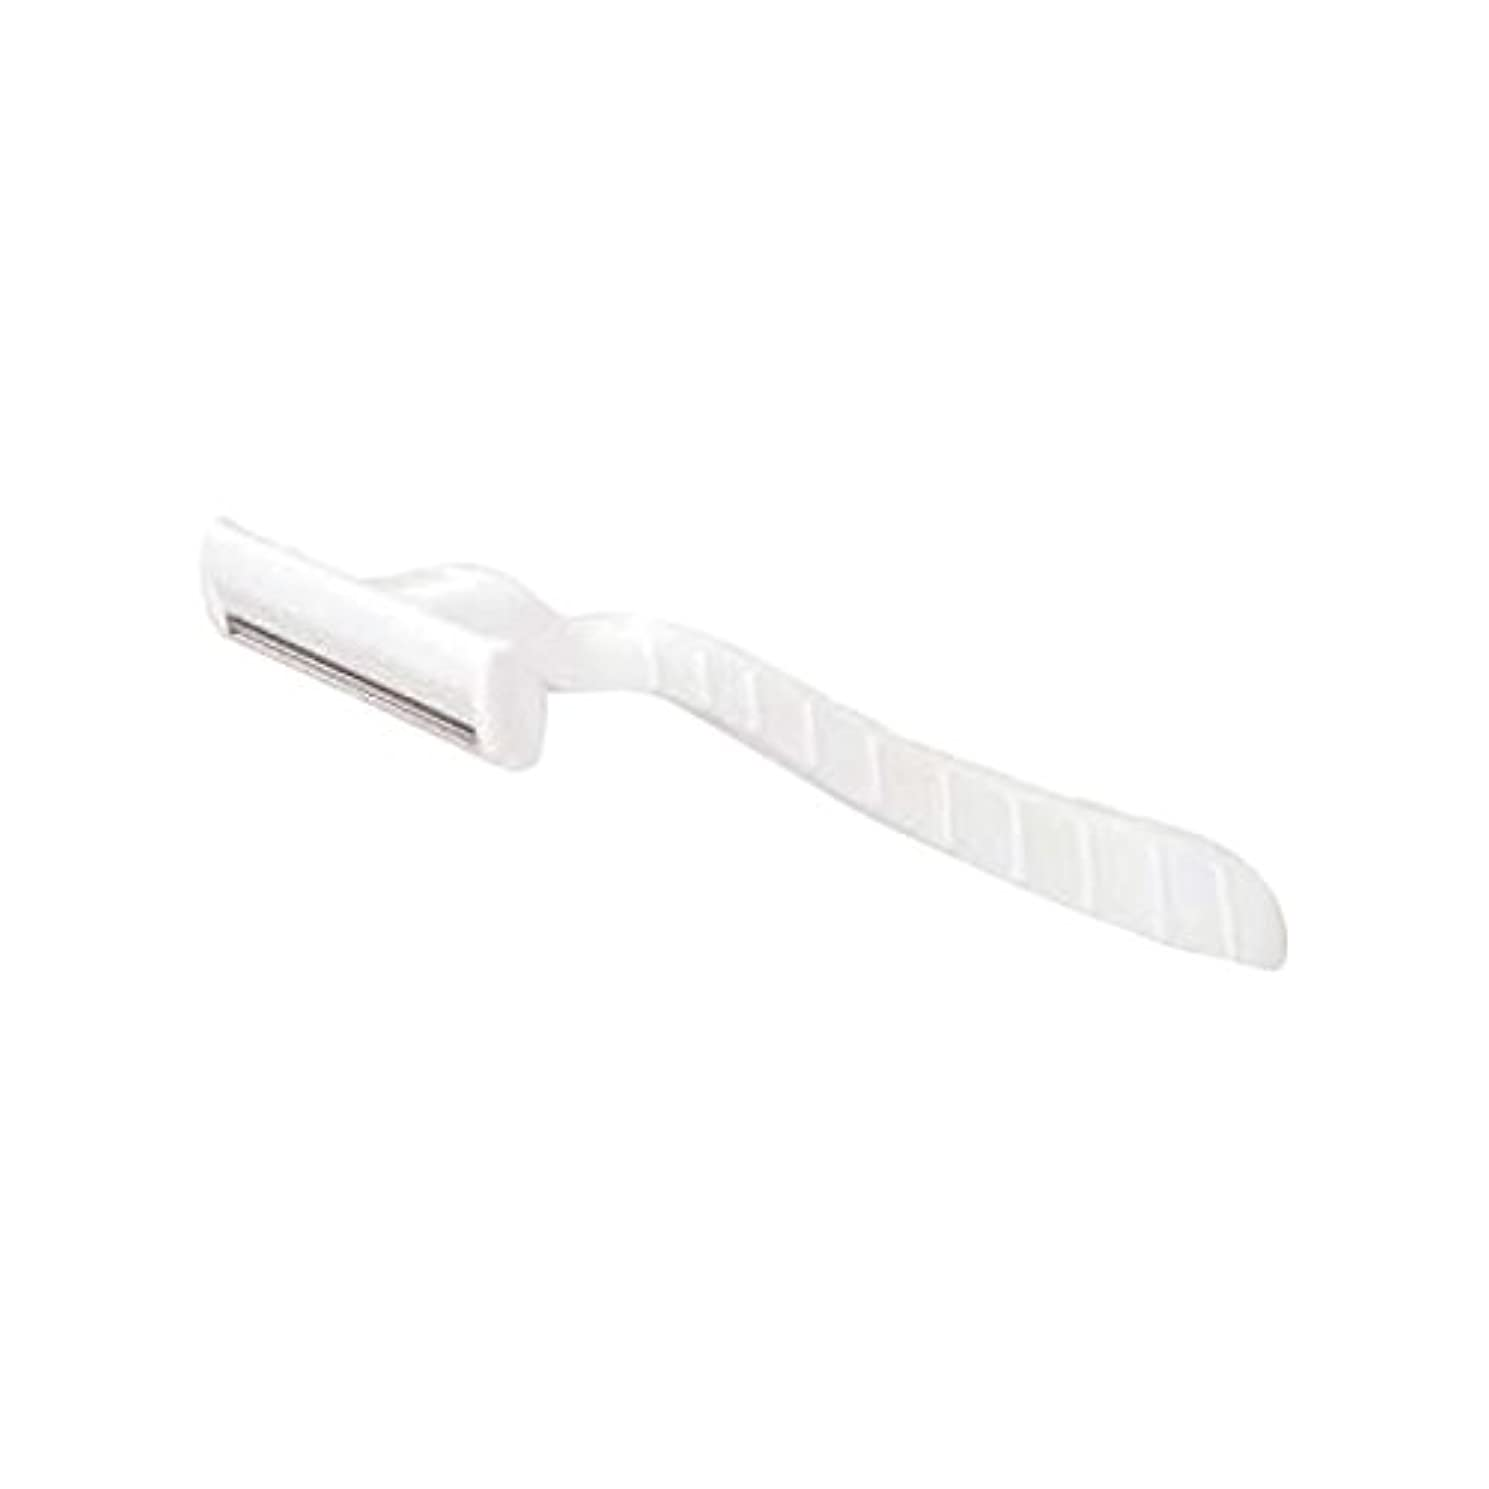 ふくろう驚き夕暮れホテル業務用シックカミソリ2枚刃(白)マット袋入り 10本